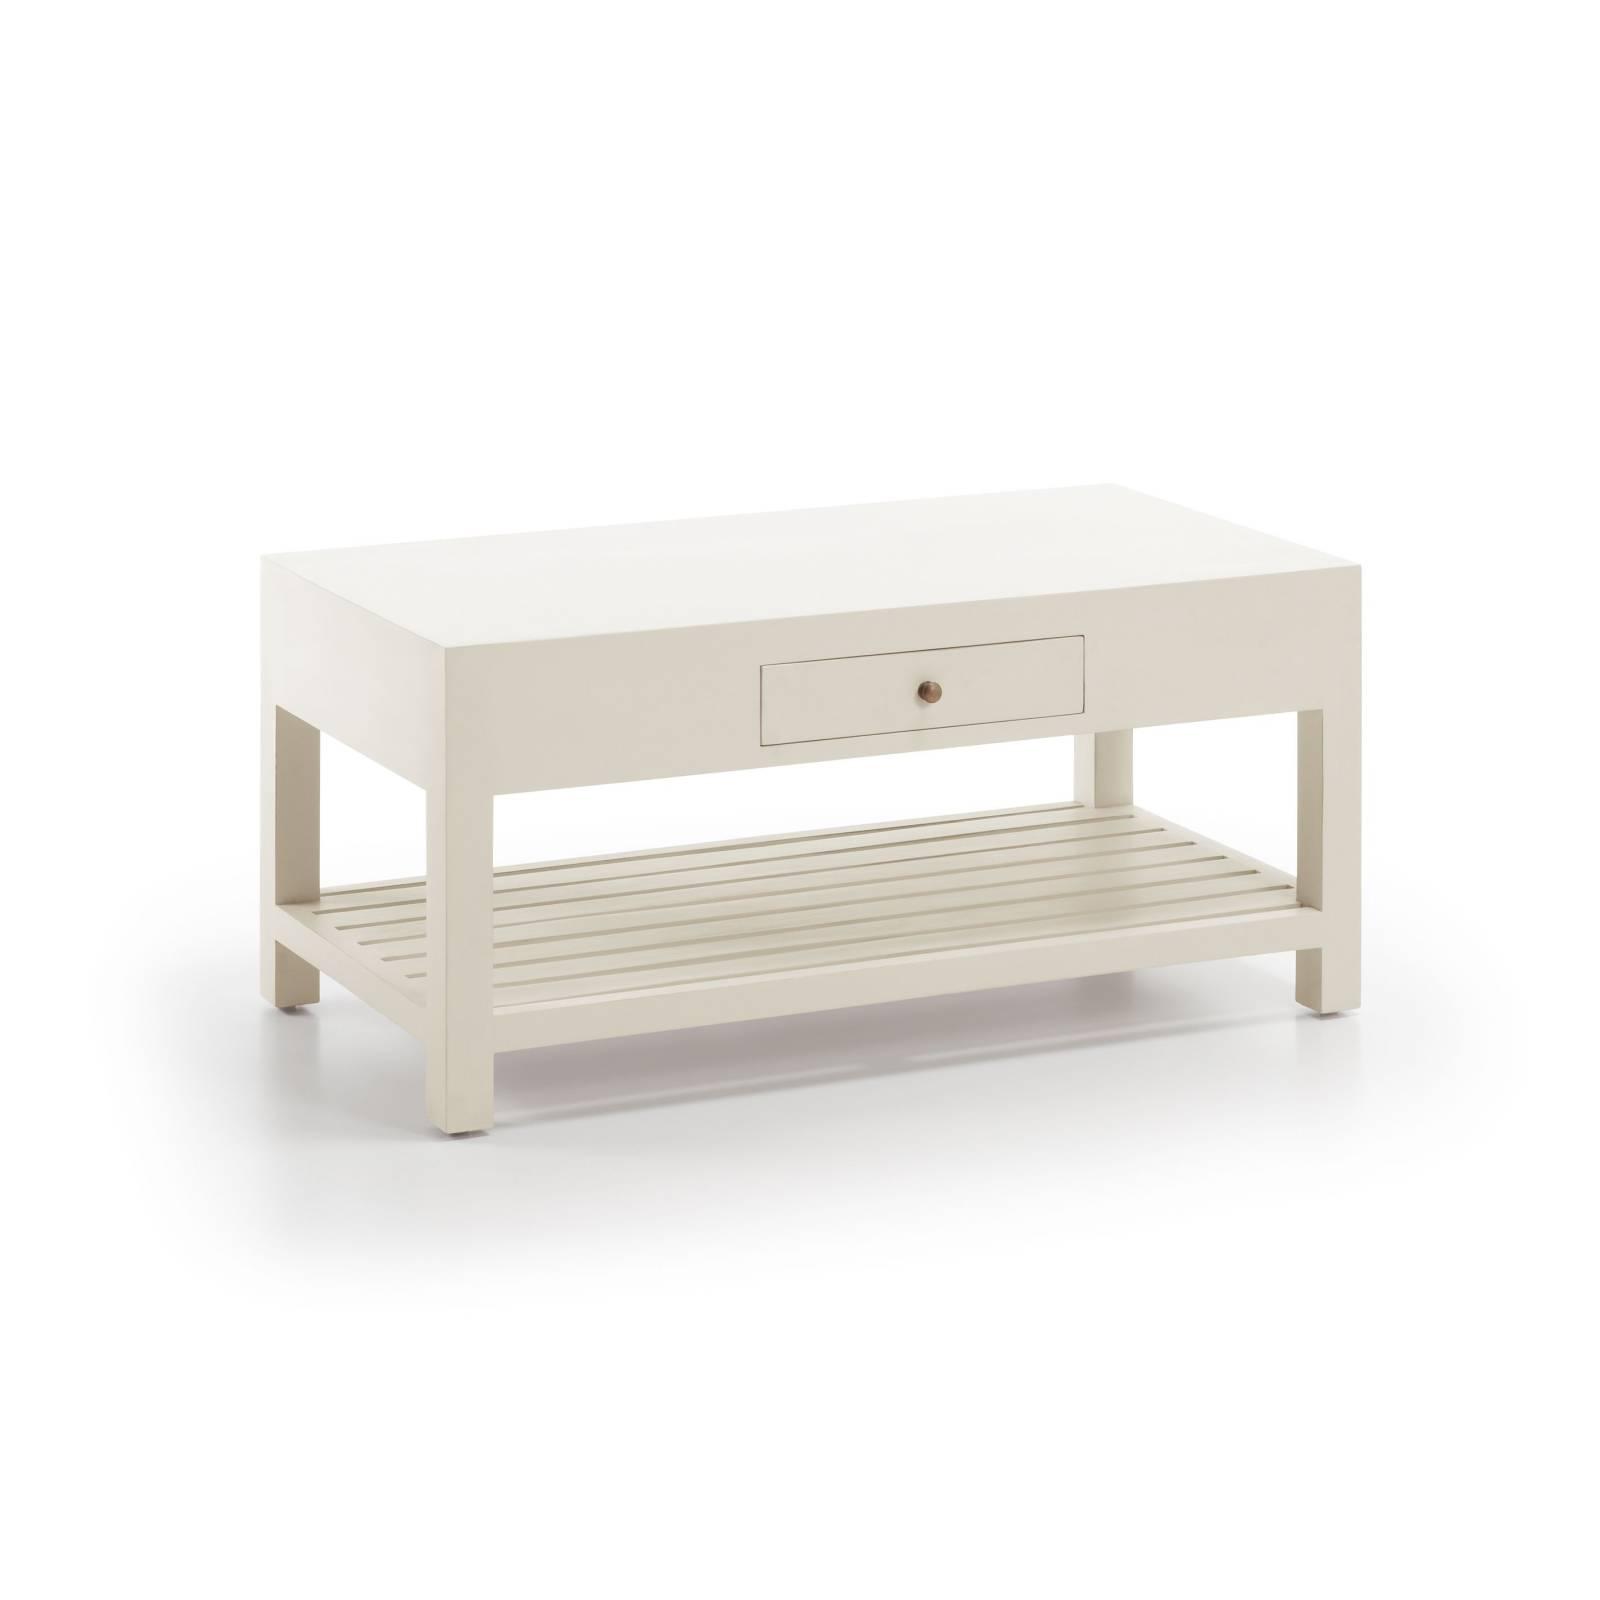 Table basse rectangulaire Sydney Acajou. Tendance bord de mer.